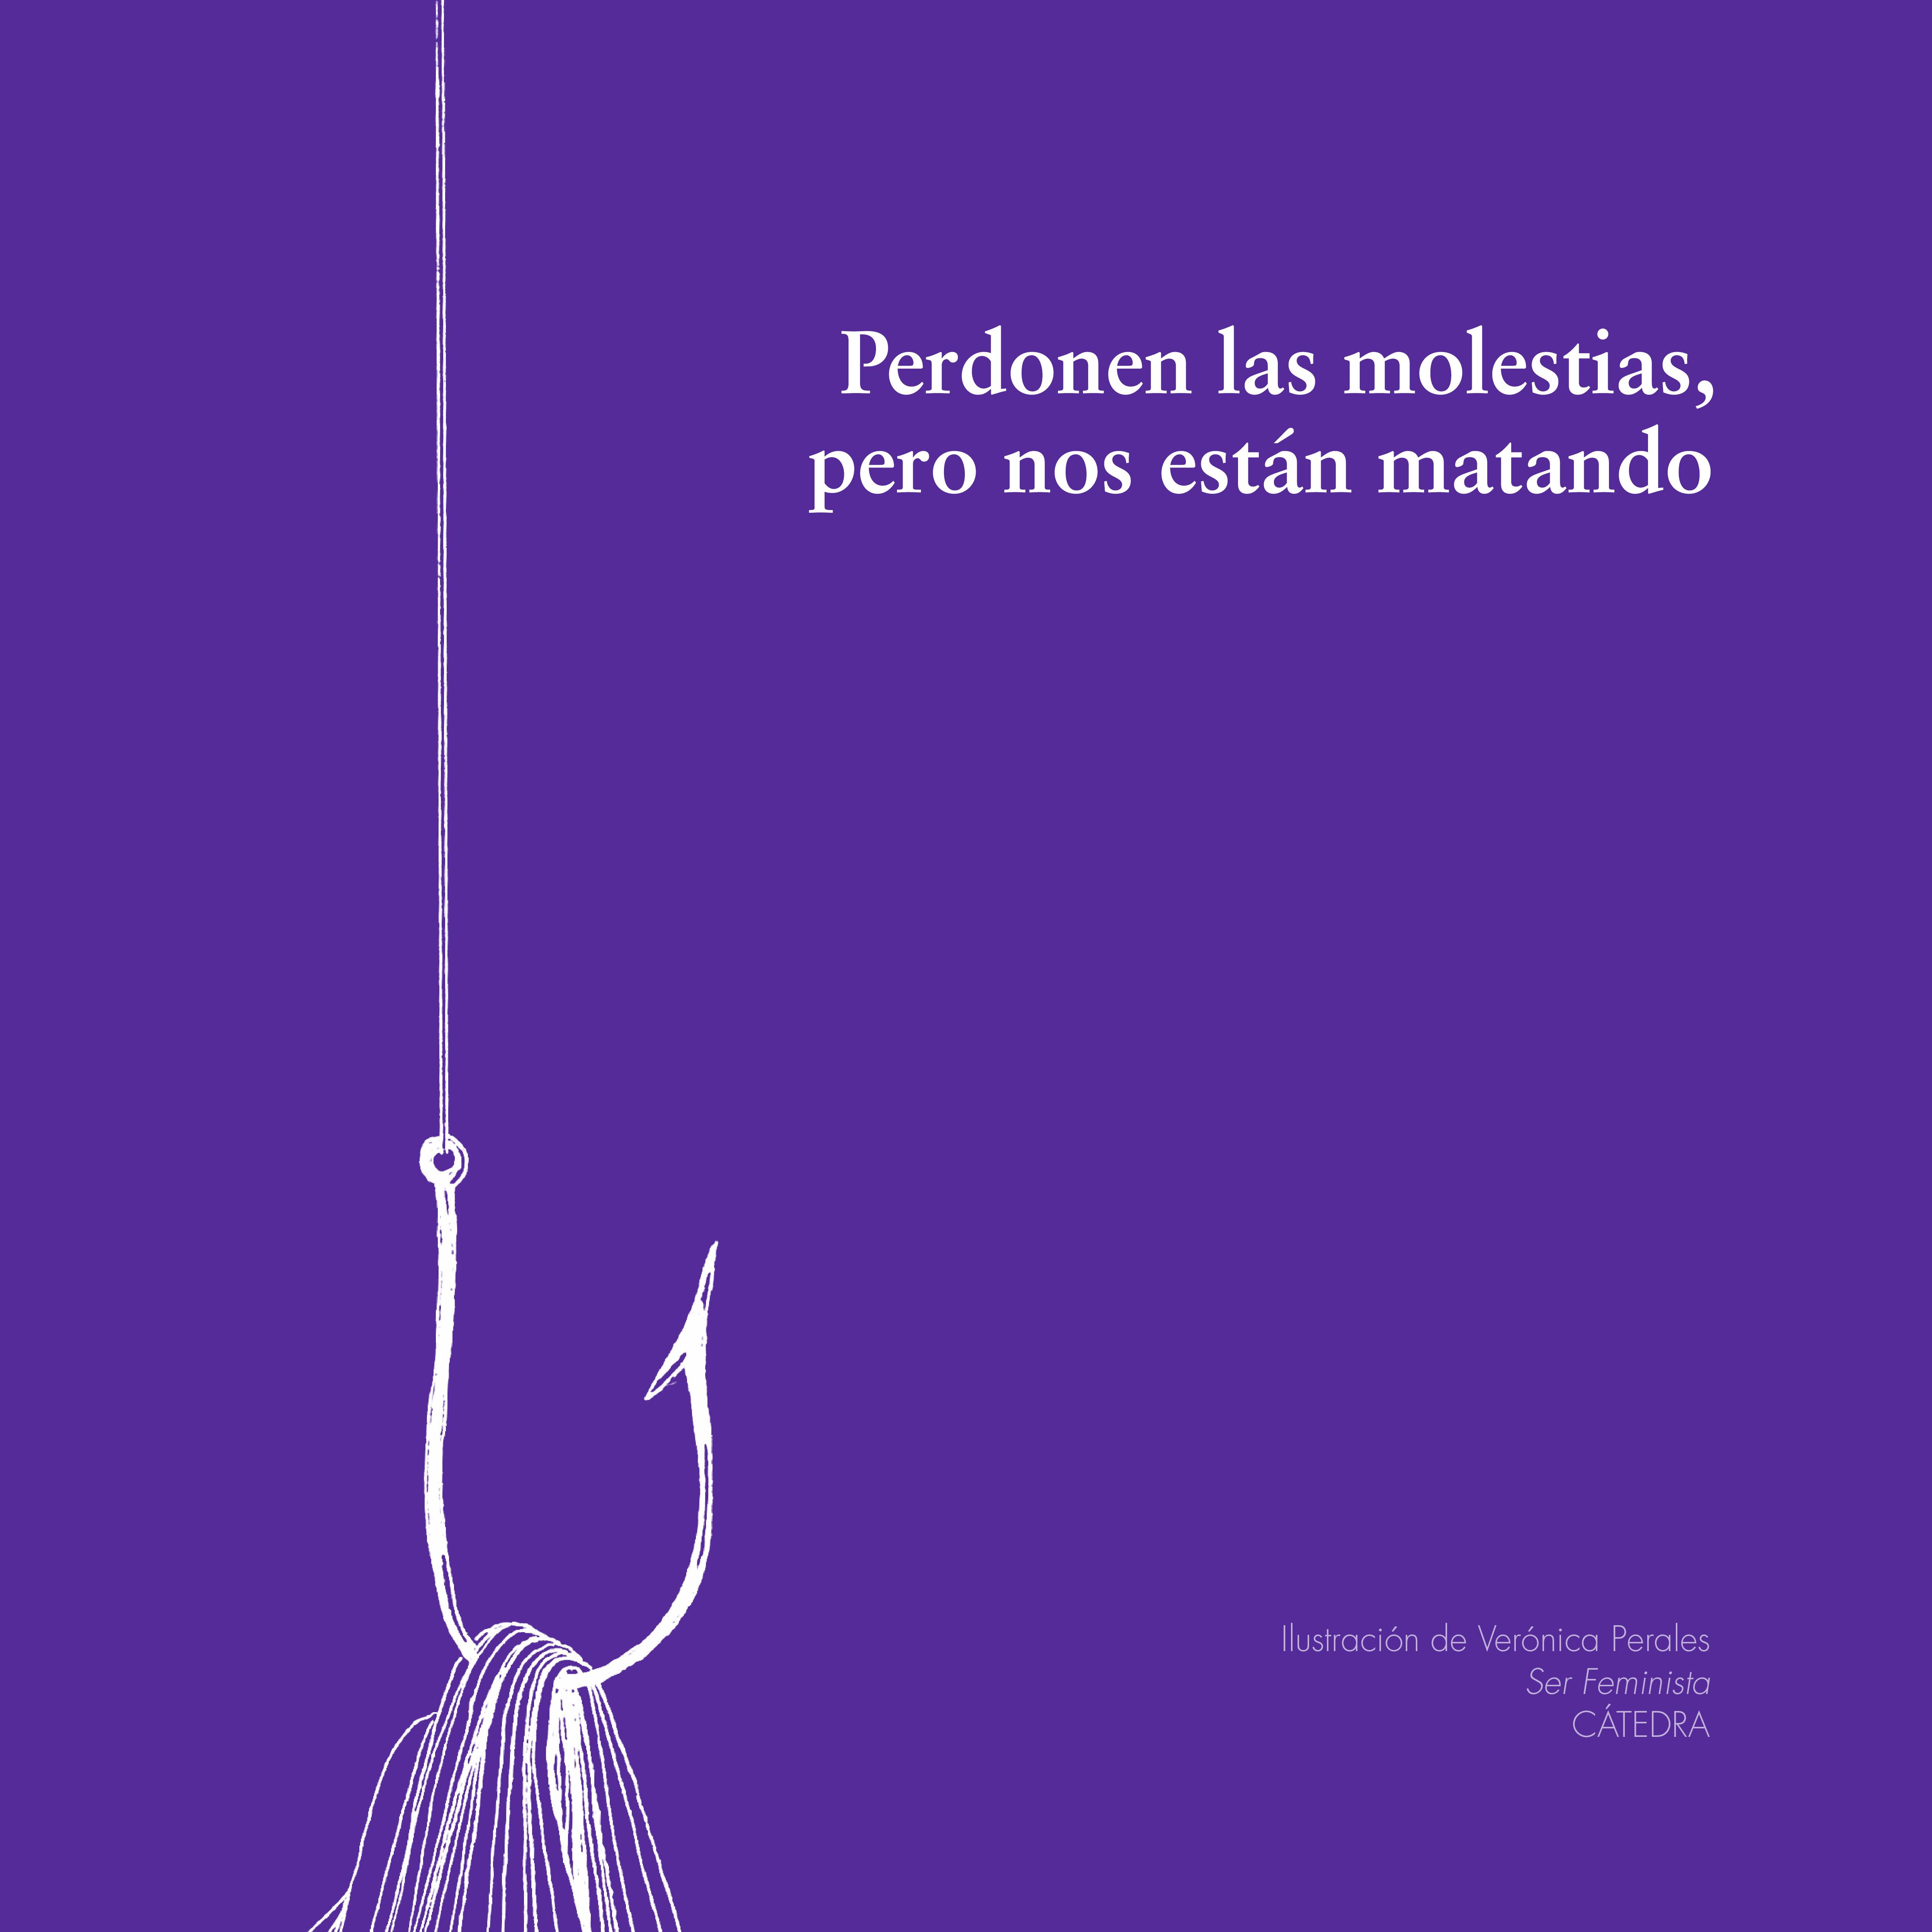 <p>Día Internacional contra la Violencia de Género</p>